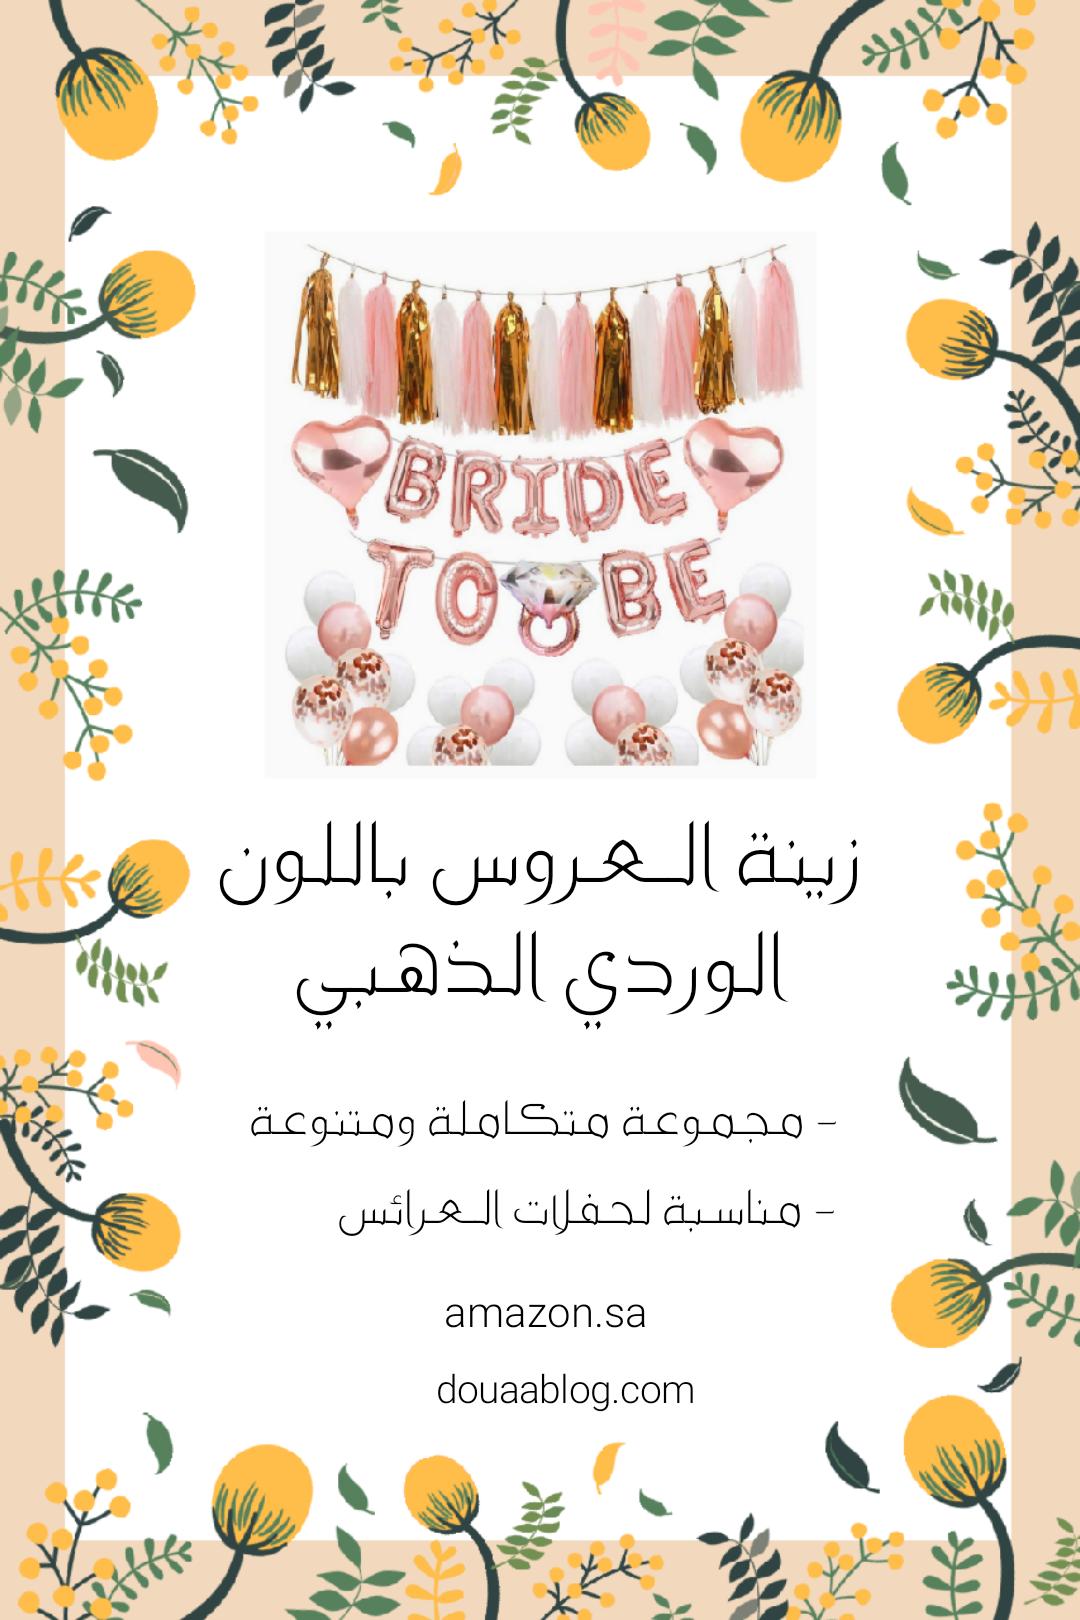 توديع العزوبية امازون السعودية Water Bottle Bottle Bride